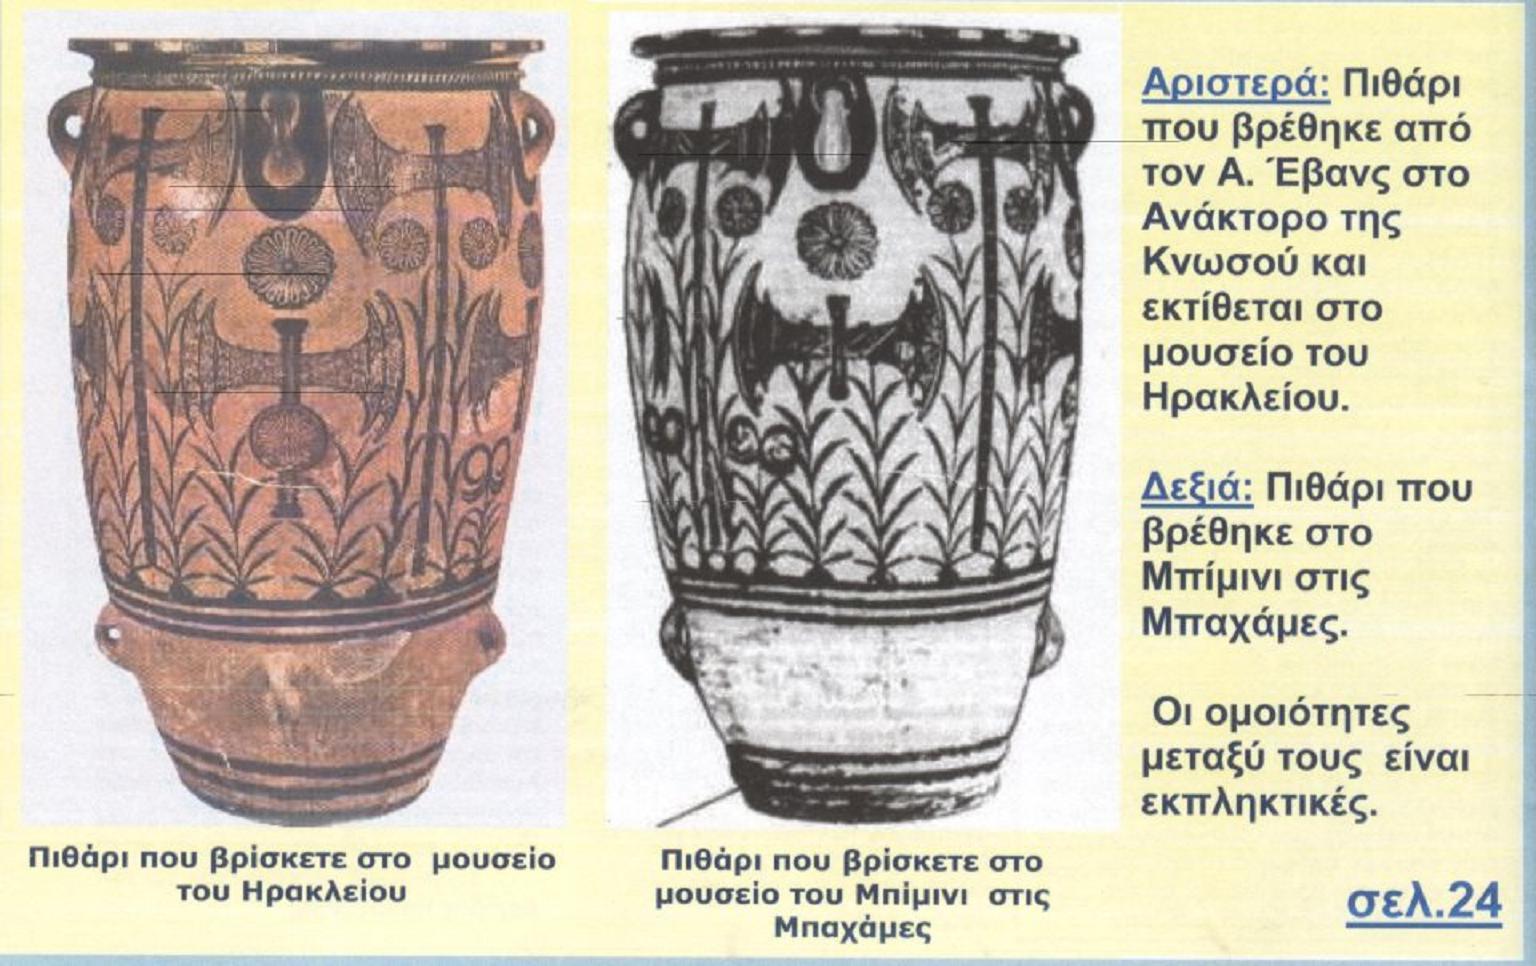 Συμπλήρωμα-Διόρθωσις τοῦ ἄρθρου περὶ ὁμοιότητος πίθων.3